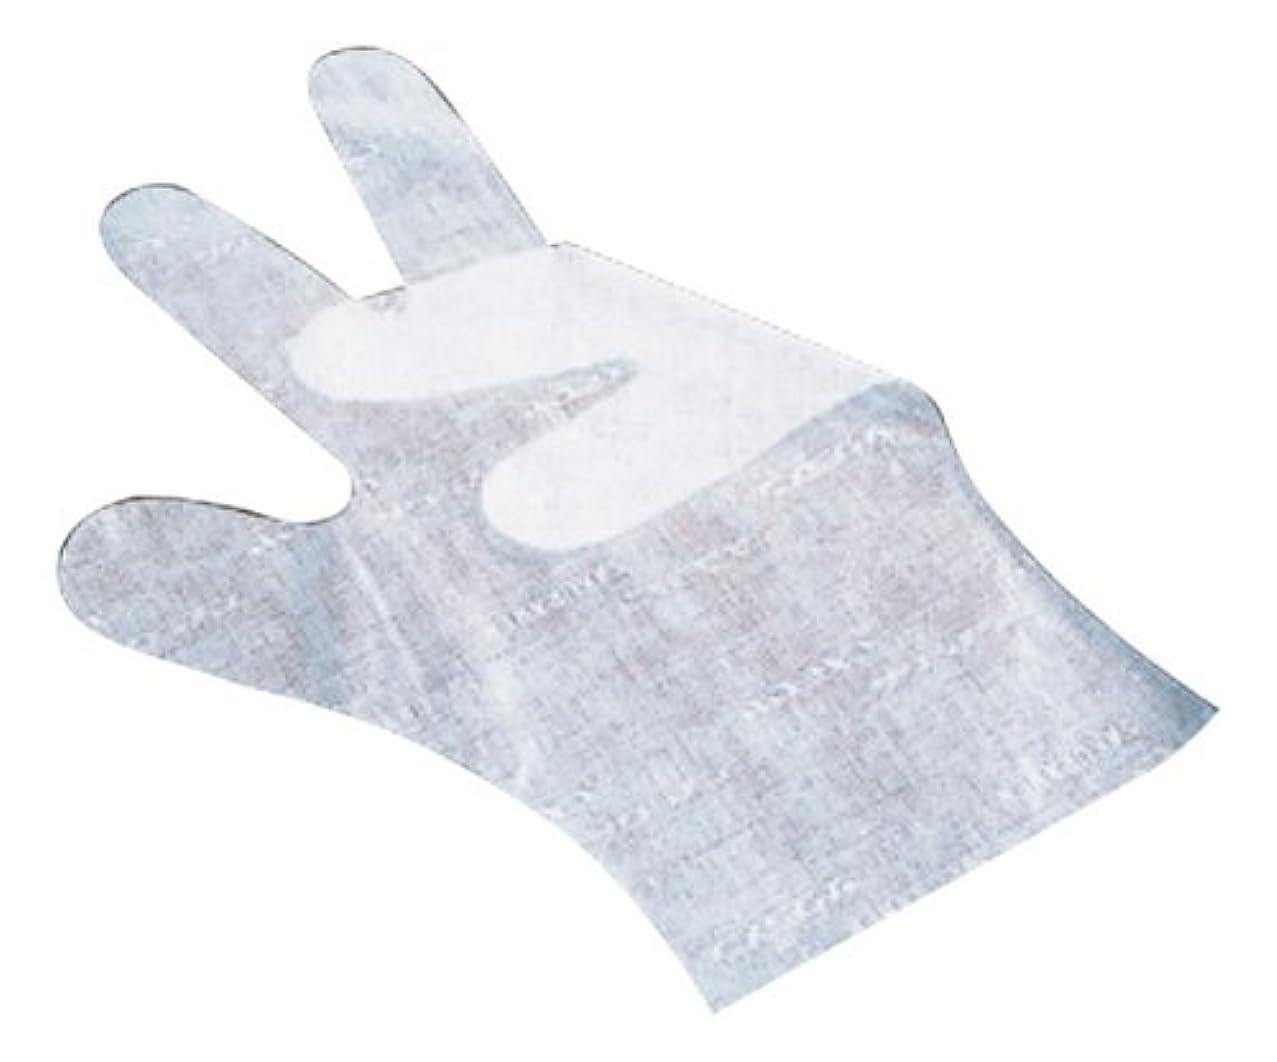 病気締め切りスタッフサクラメン手袋 デラックス(100枚入)S ホワイト 35μ